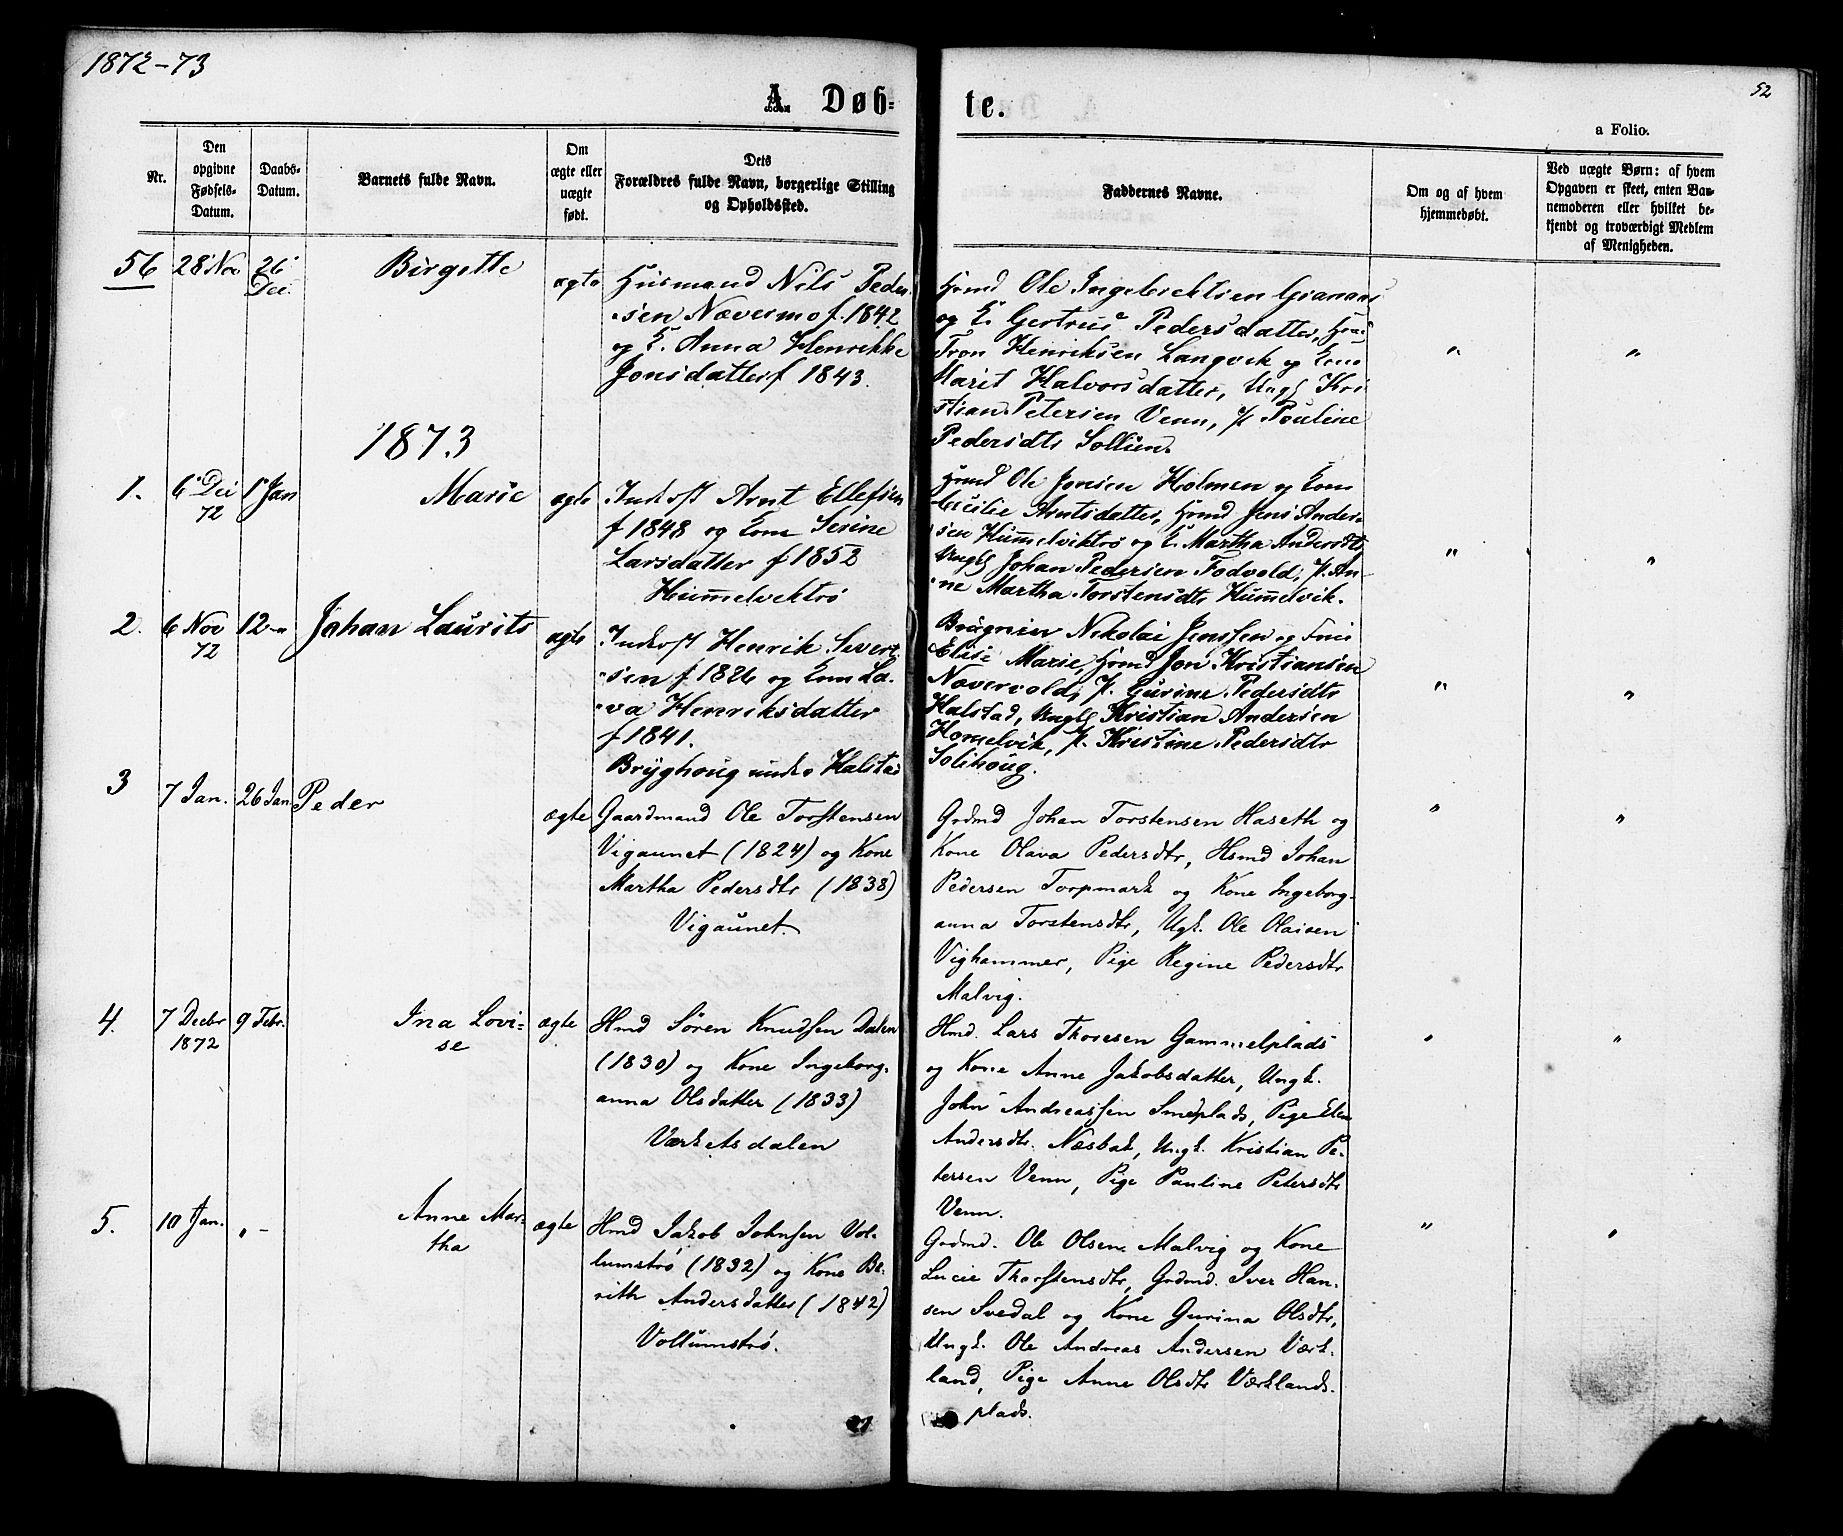 SAT, Ministerialprotokoller, klokkerbøker og fødselsregistre - Sør-Trøndelag, 616/L0409: Ministerialbok nr. 616A06, 1865-1877, s. 52